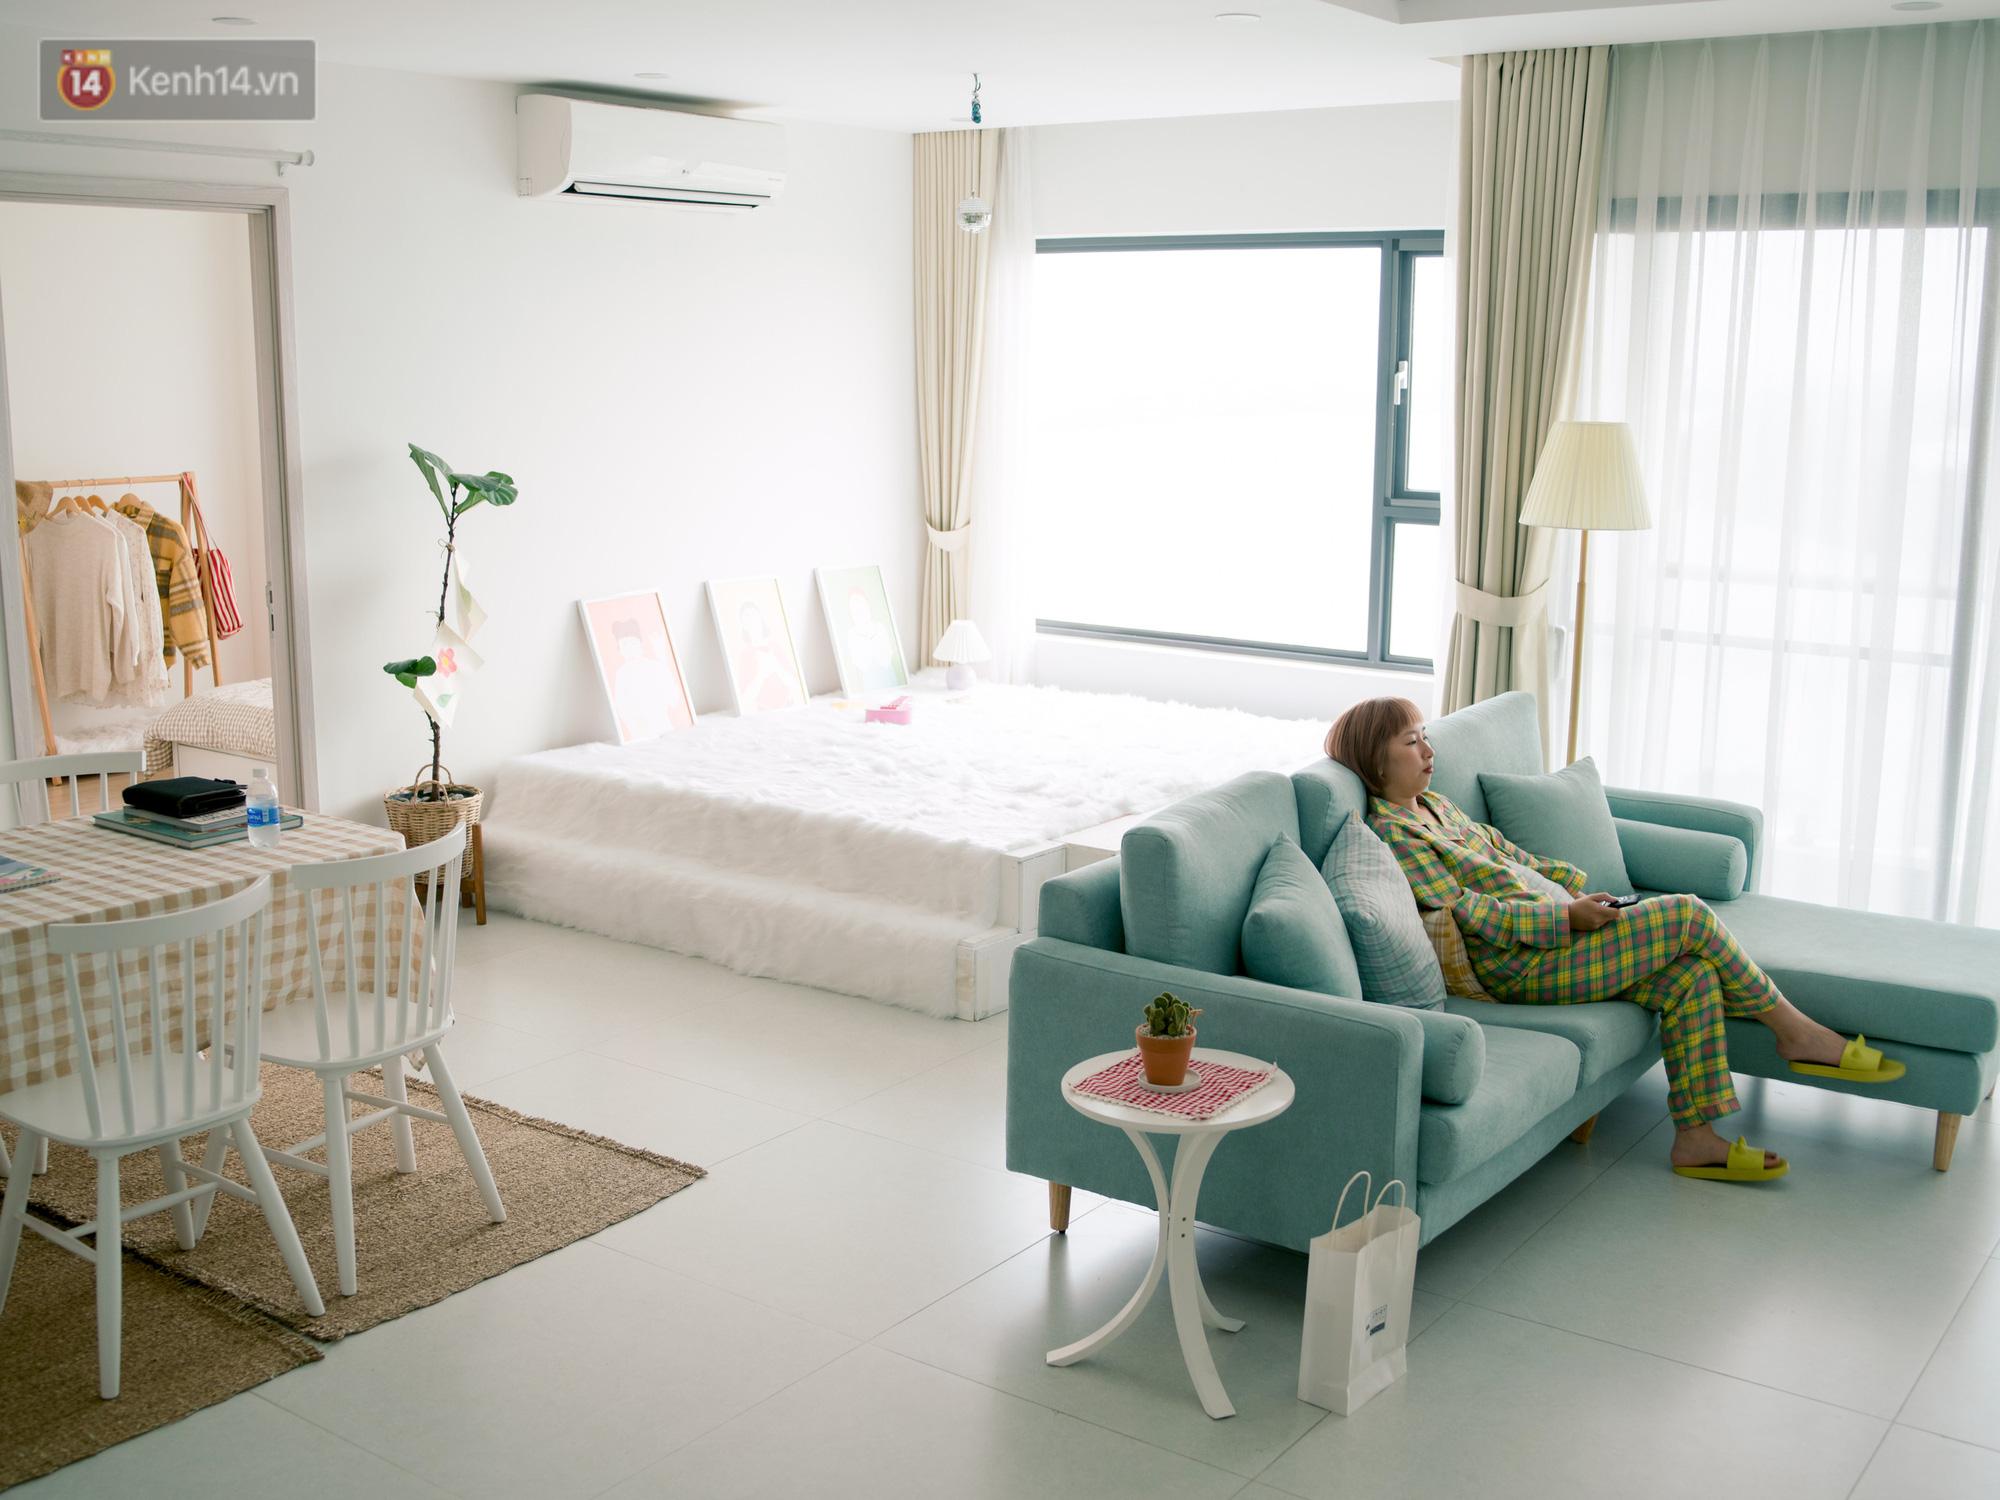 Trang Hý chơi sang ở một mình một nhà rộng 120m với 3 phòng ngủ, nội thất rẻ đến bất ngờ-1